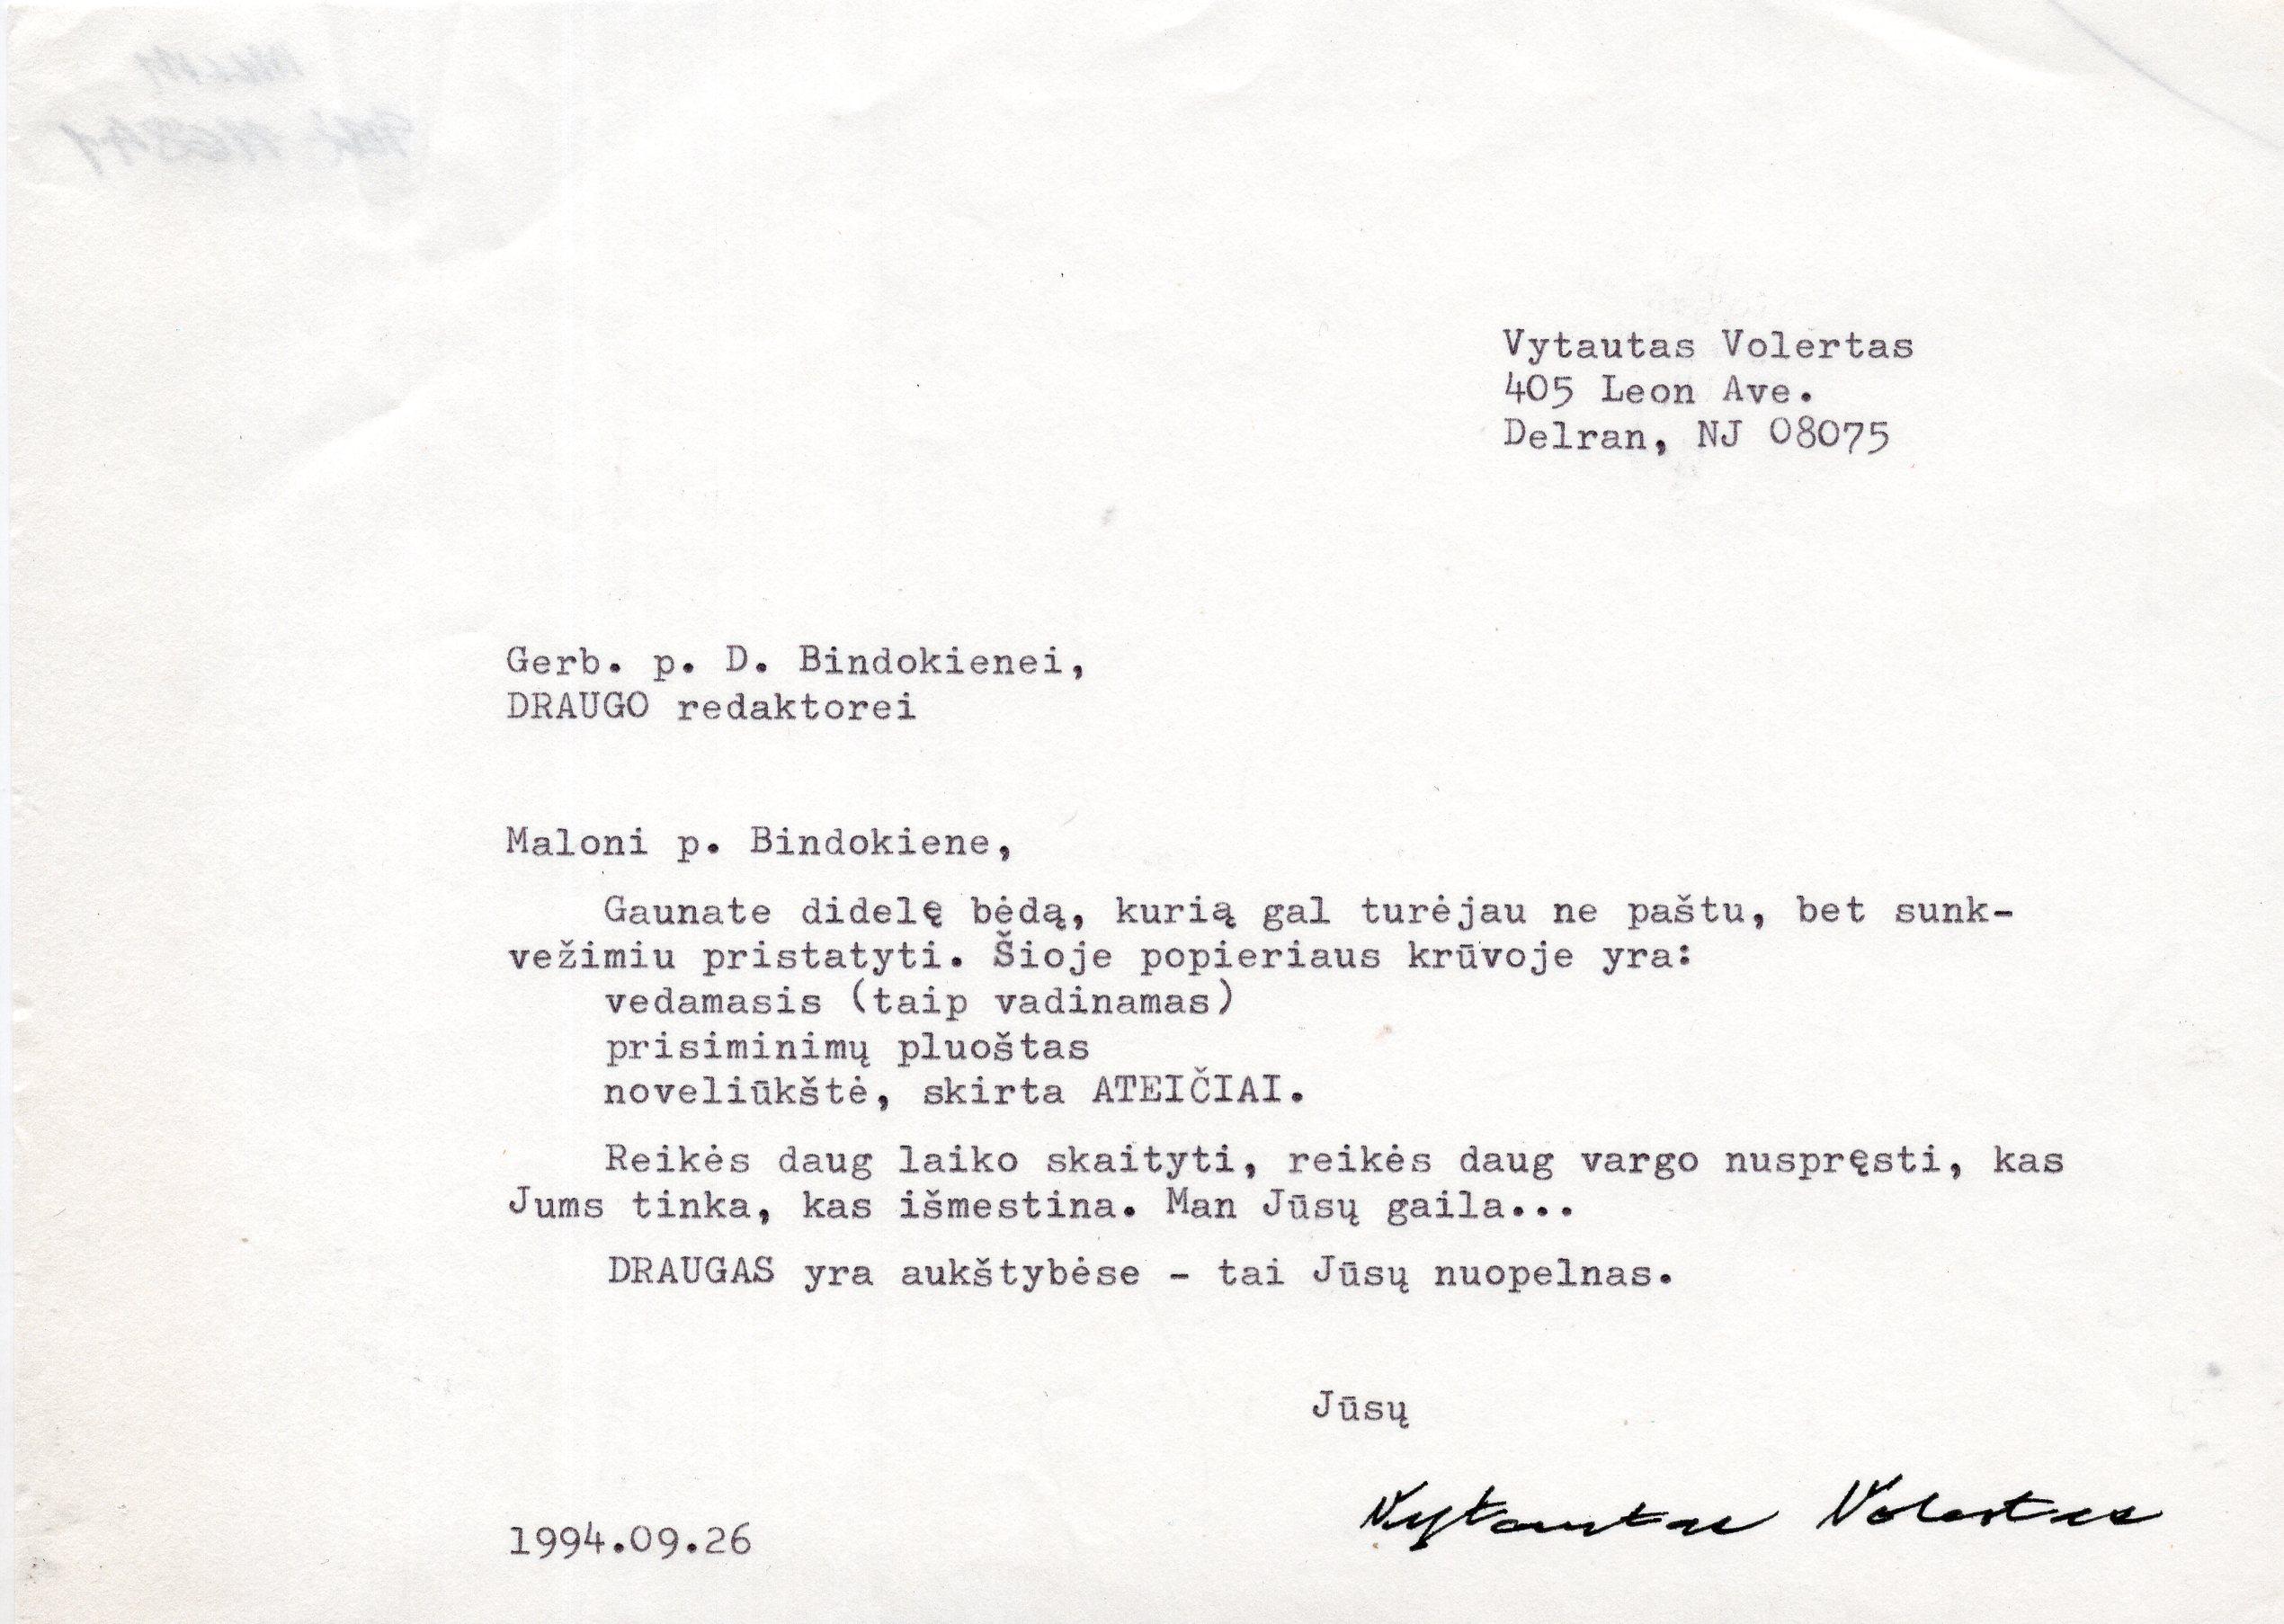 """V. Volerto laiškas dienraščio """"Draugas"""" redaktorei D. Bindokienei. Niujorkas, 1994 m. rugsėjo 26 d."""